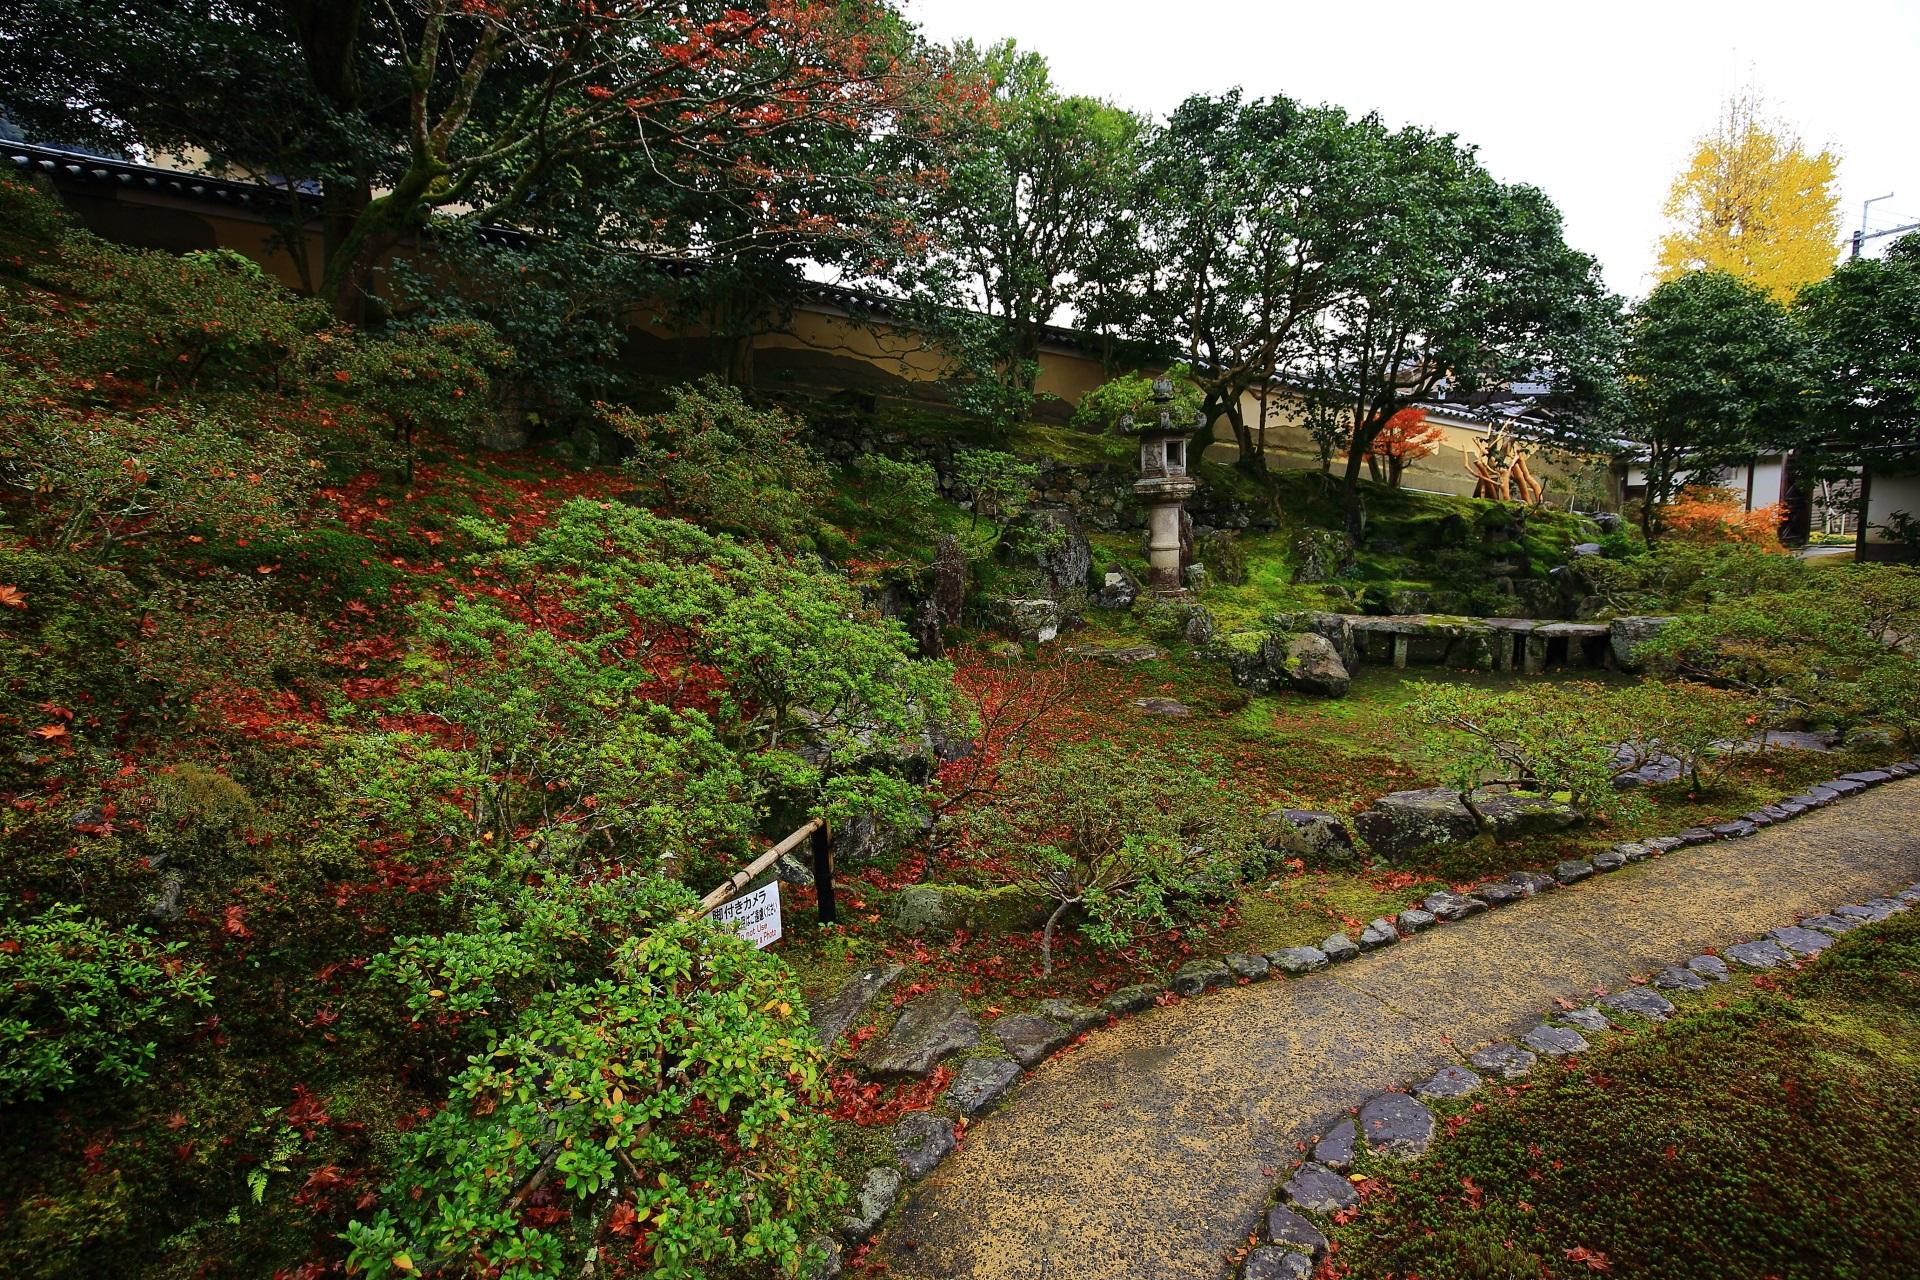 霊鑑寺の多種多様な緑の溢れる庭園と散り紅葉